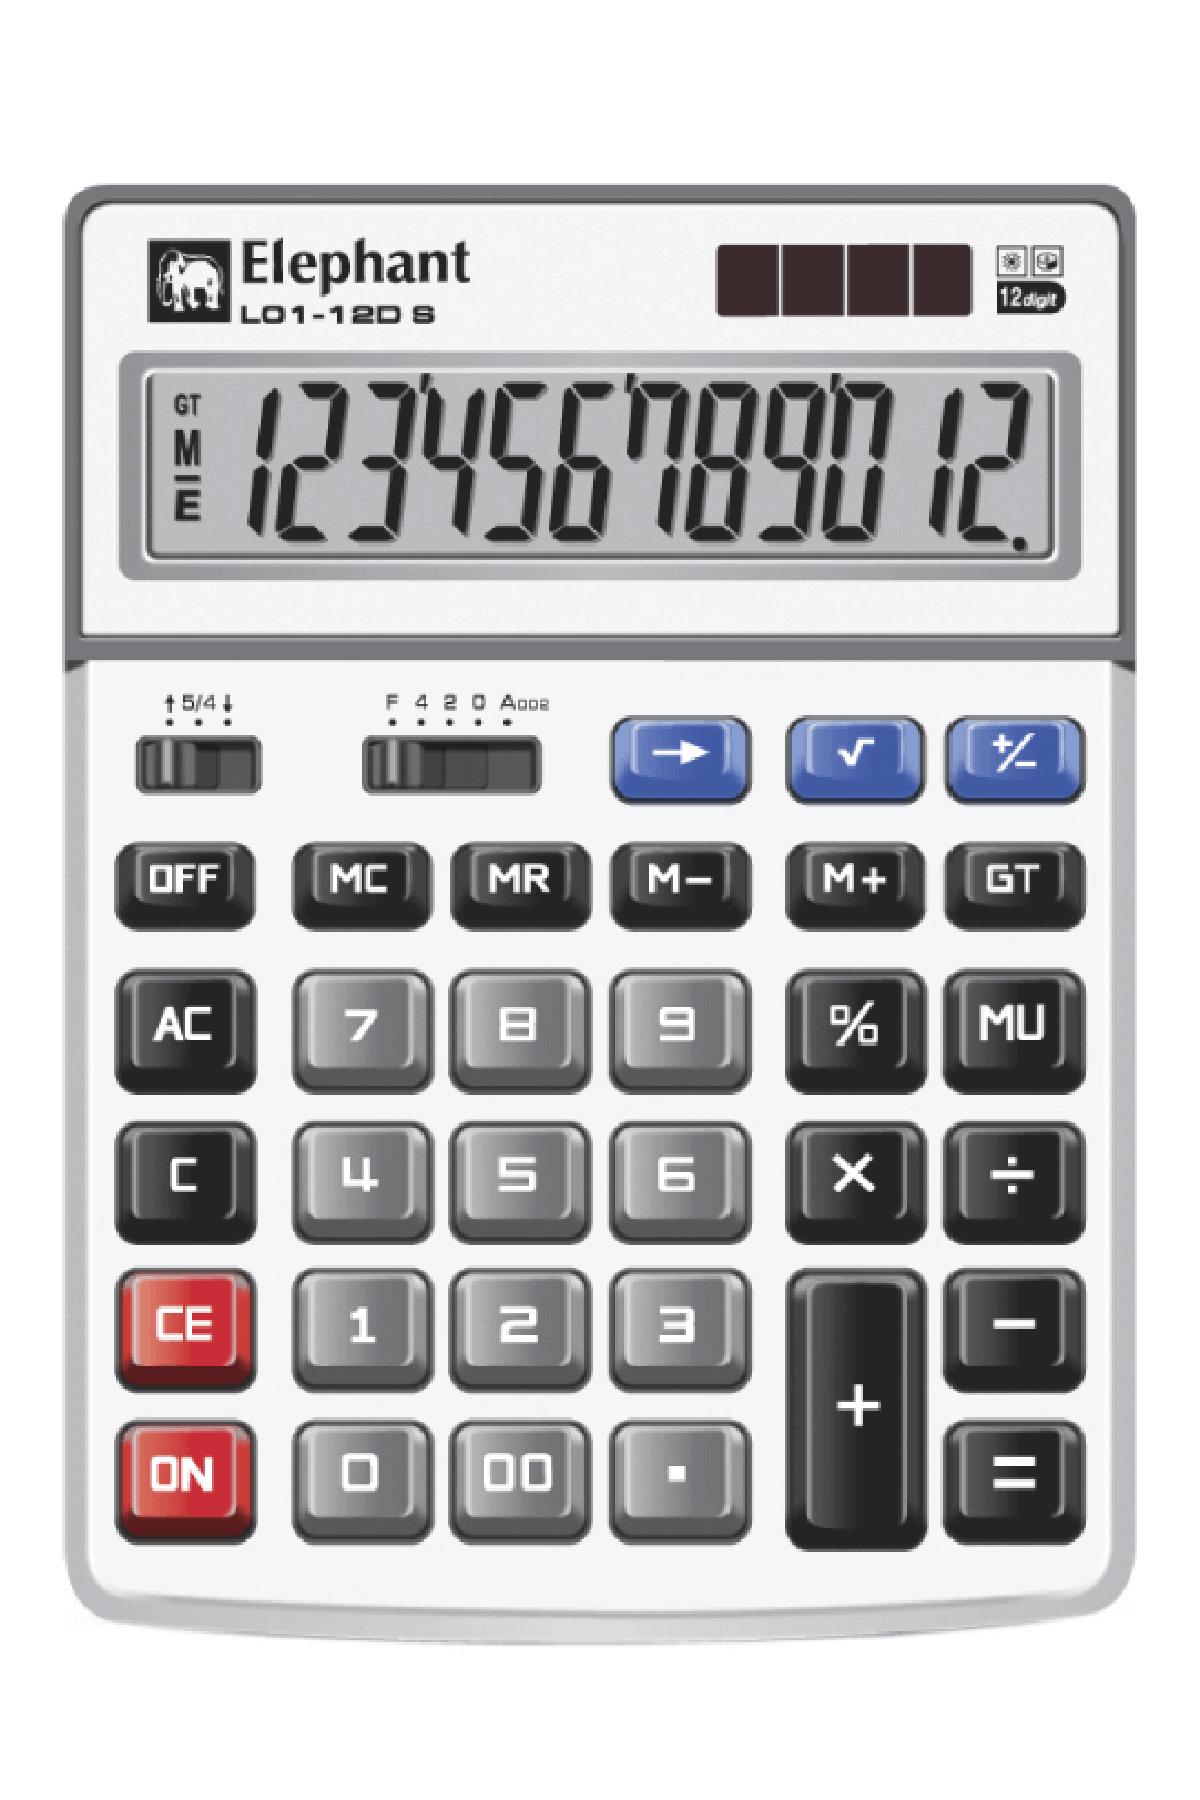 ตราช้าง เครื่องคิดเลข รุ่น L01-12DS